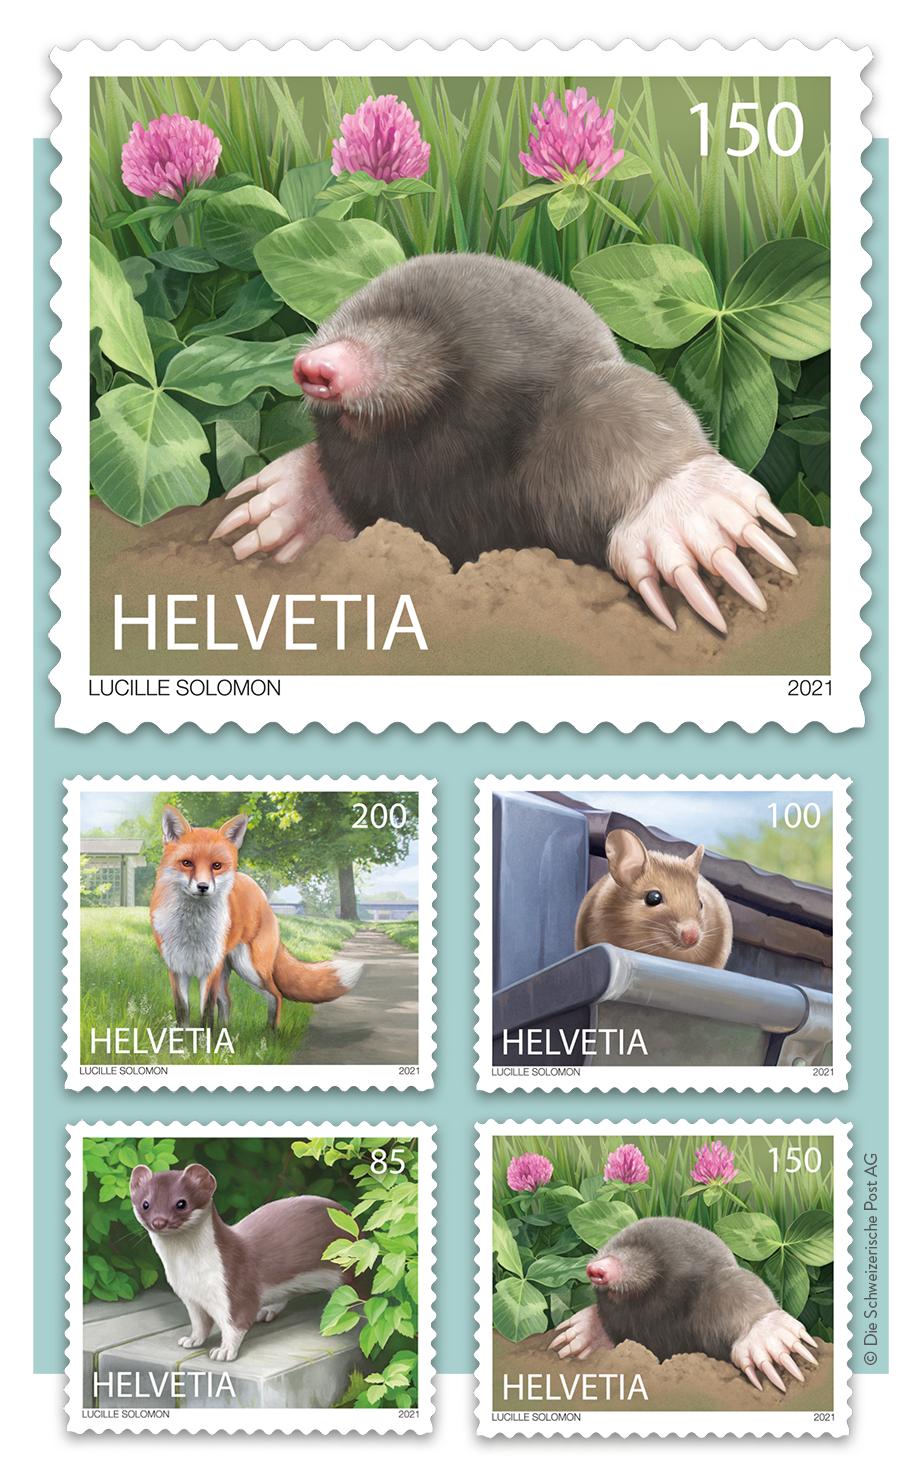 Illustrierte Briefmarken: Tiere in der Stadt